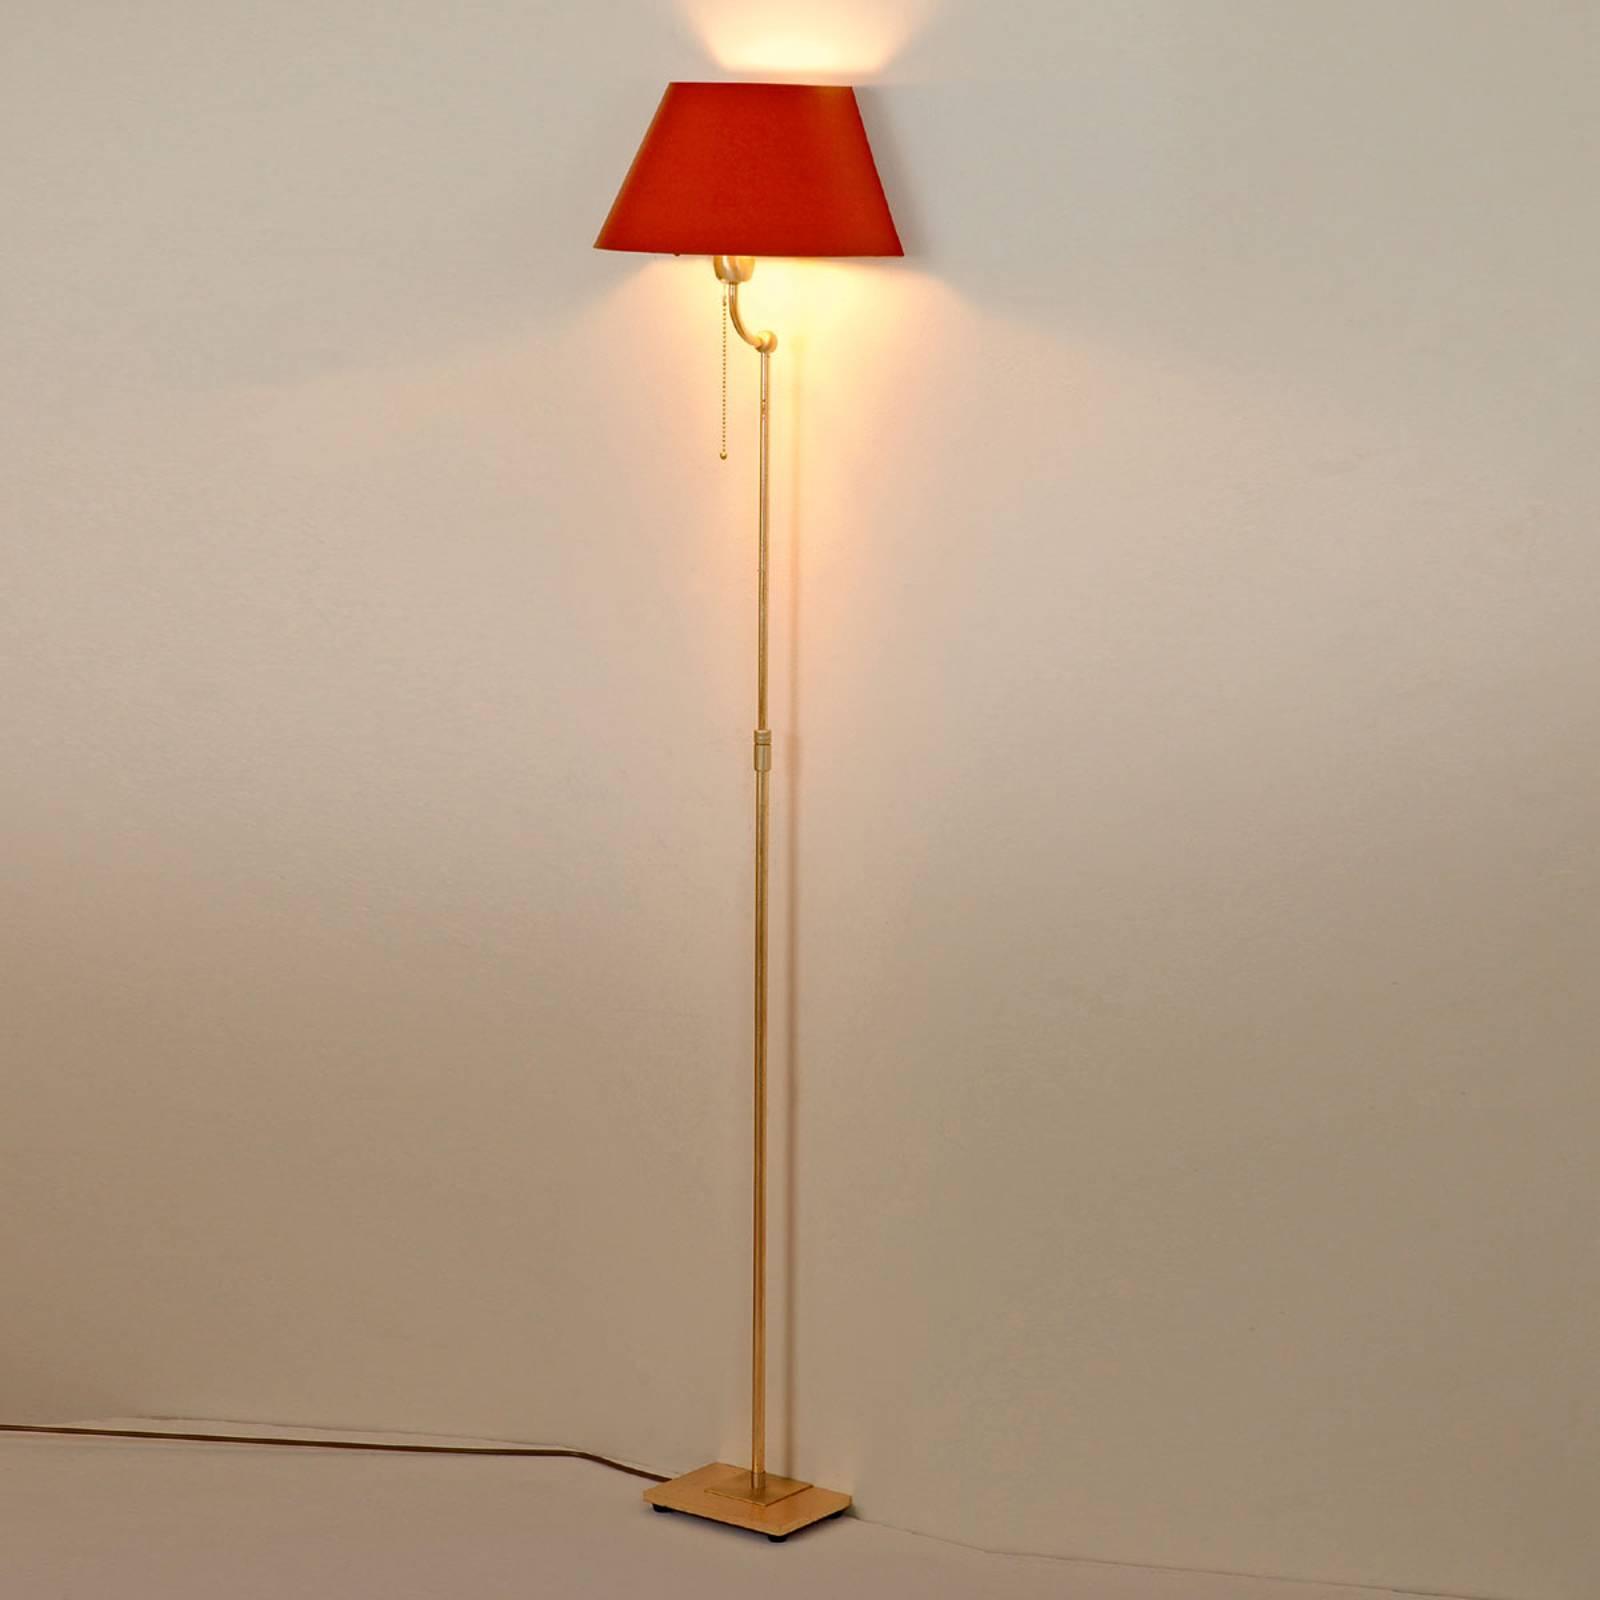 stehlampen und andere lampen von menzel online kaufen bei m bel garten. Black Bedroom Furniture Sets. Home Design Ideas